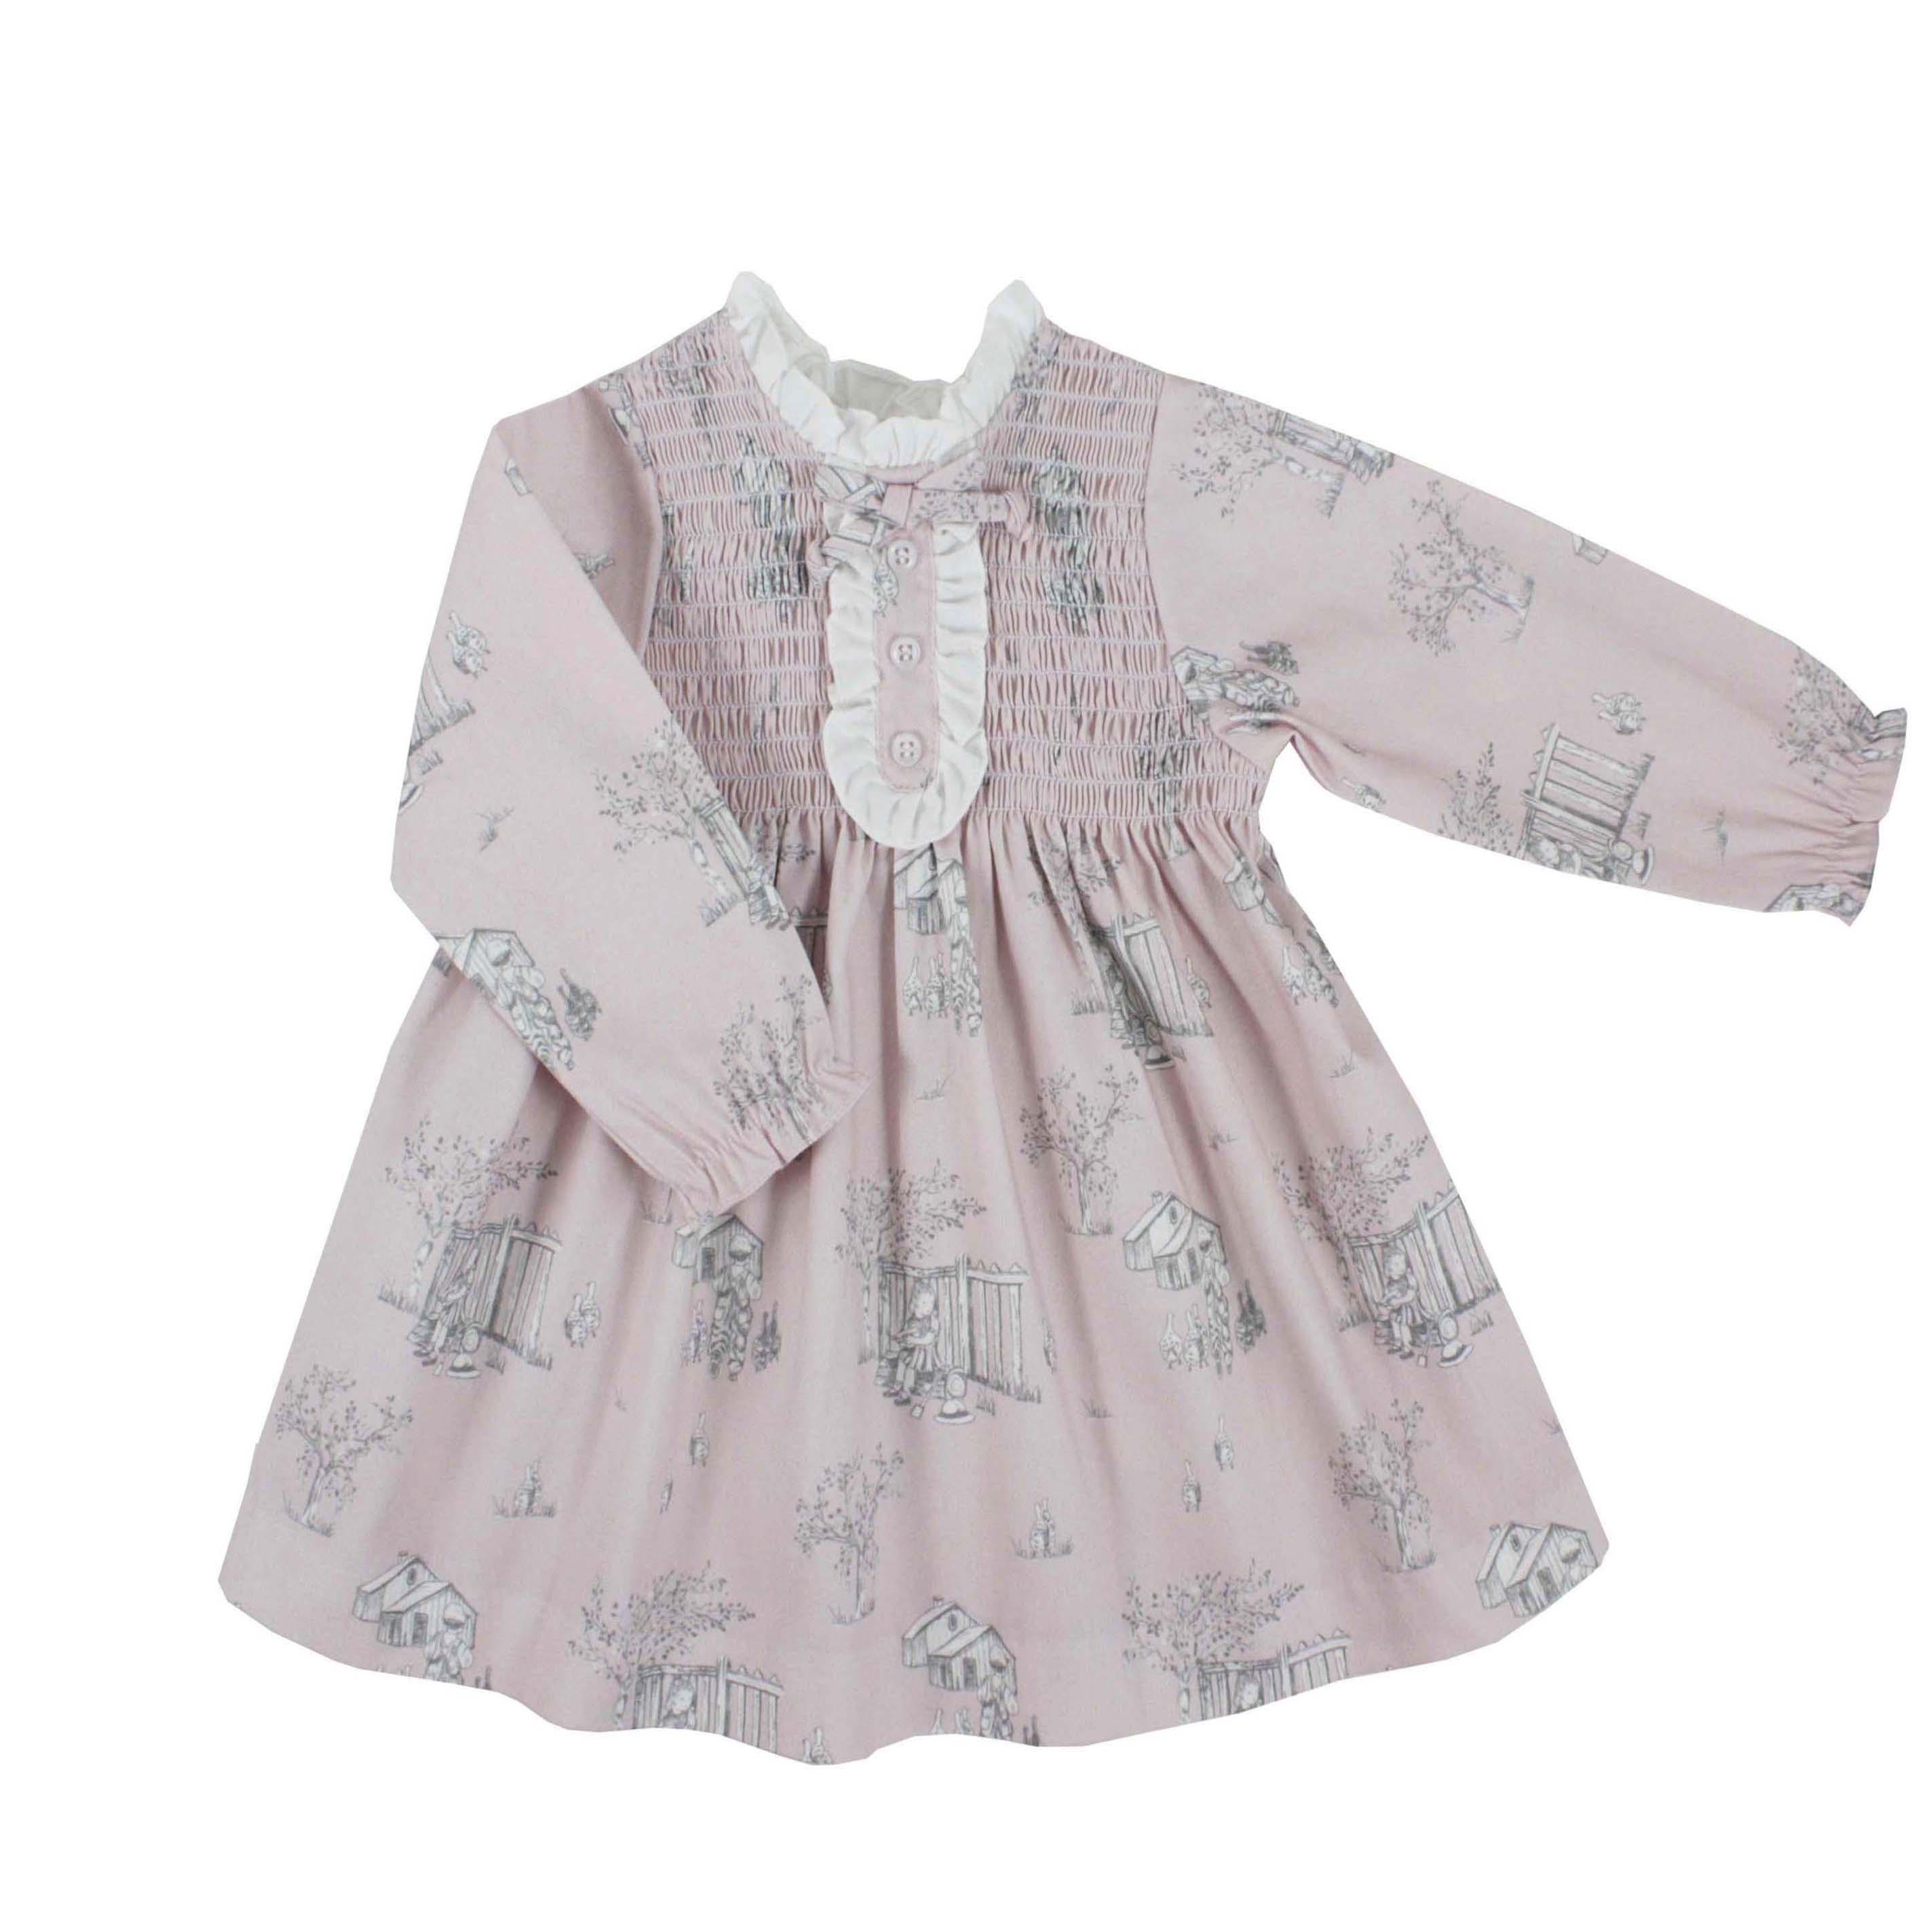 c854ce827 Vestido niña manga larga estampado toile rosa. Modelo Irene